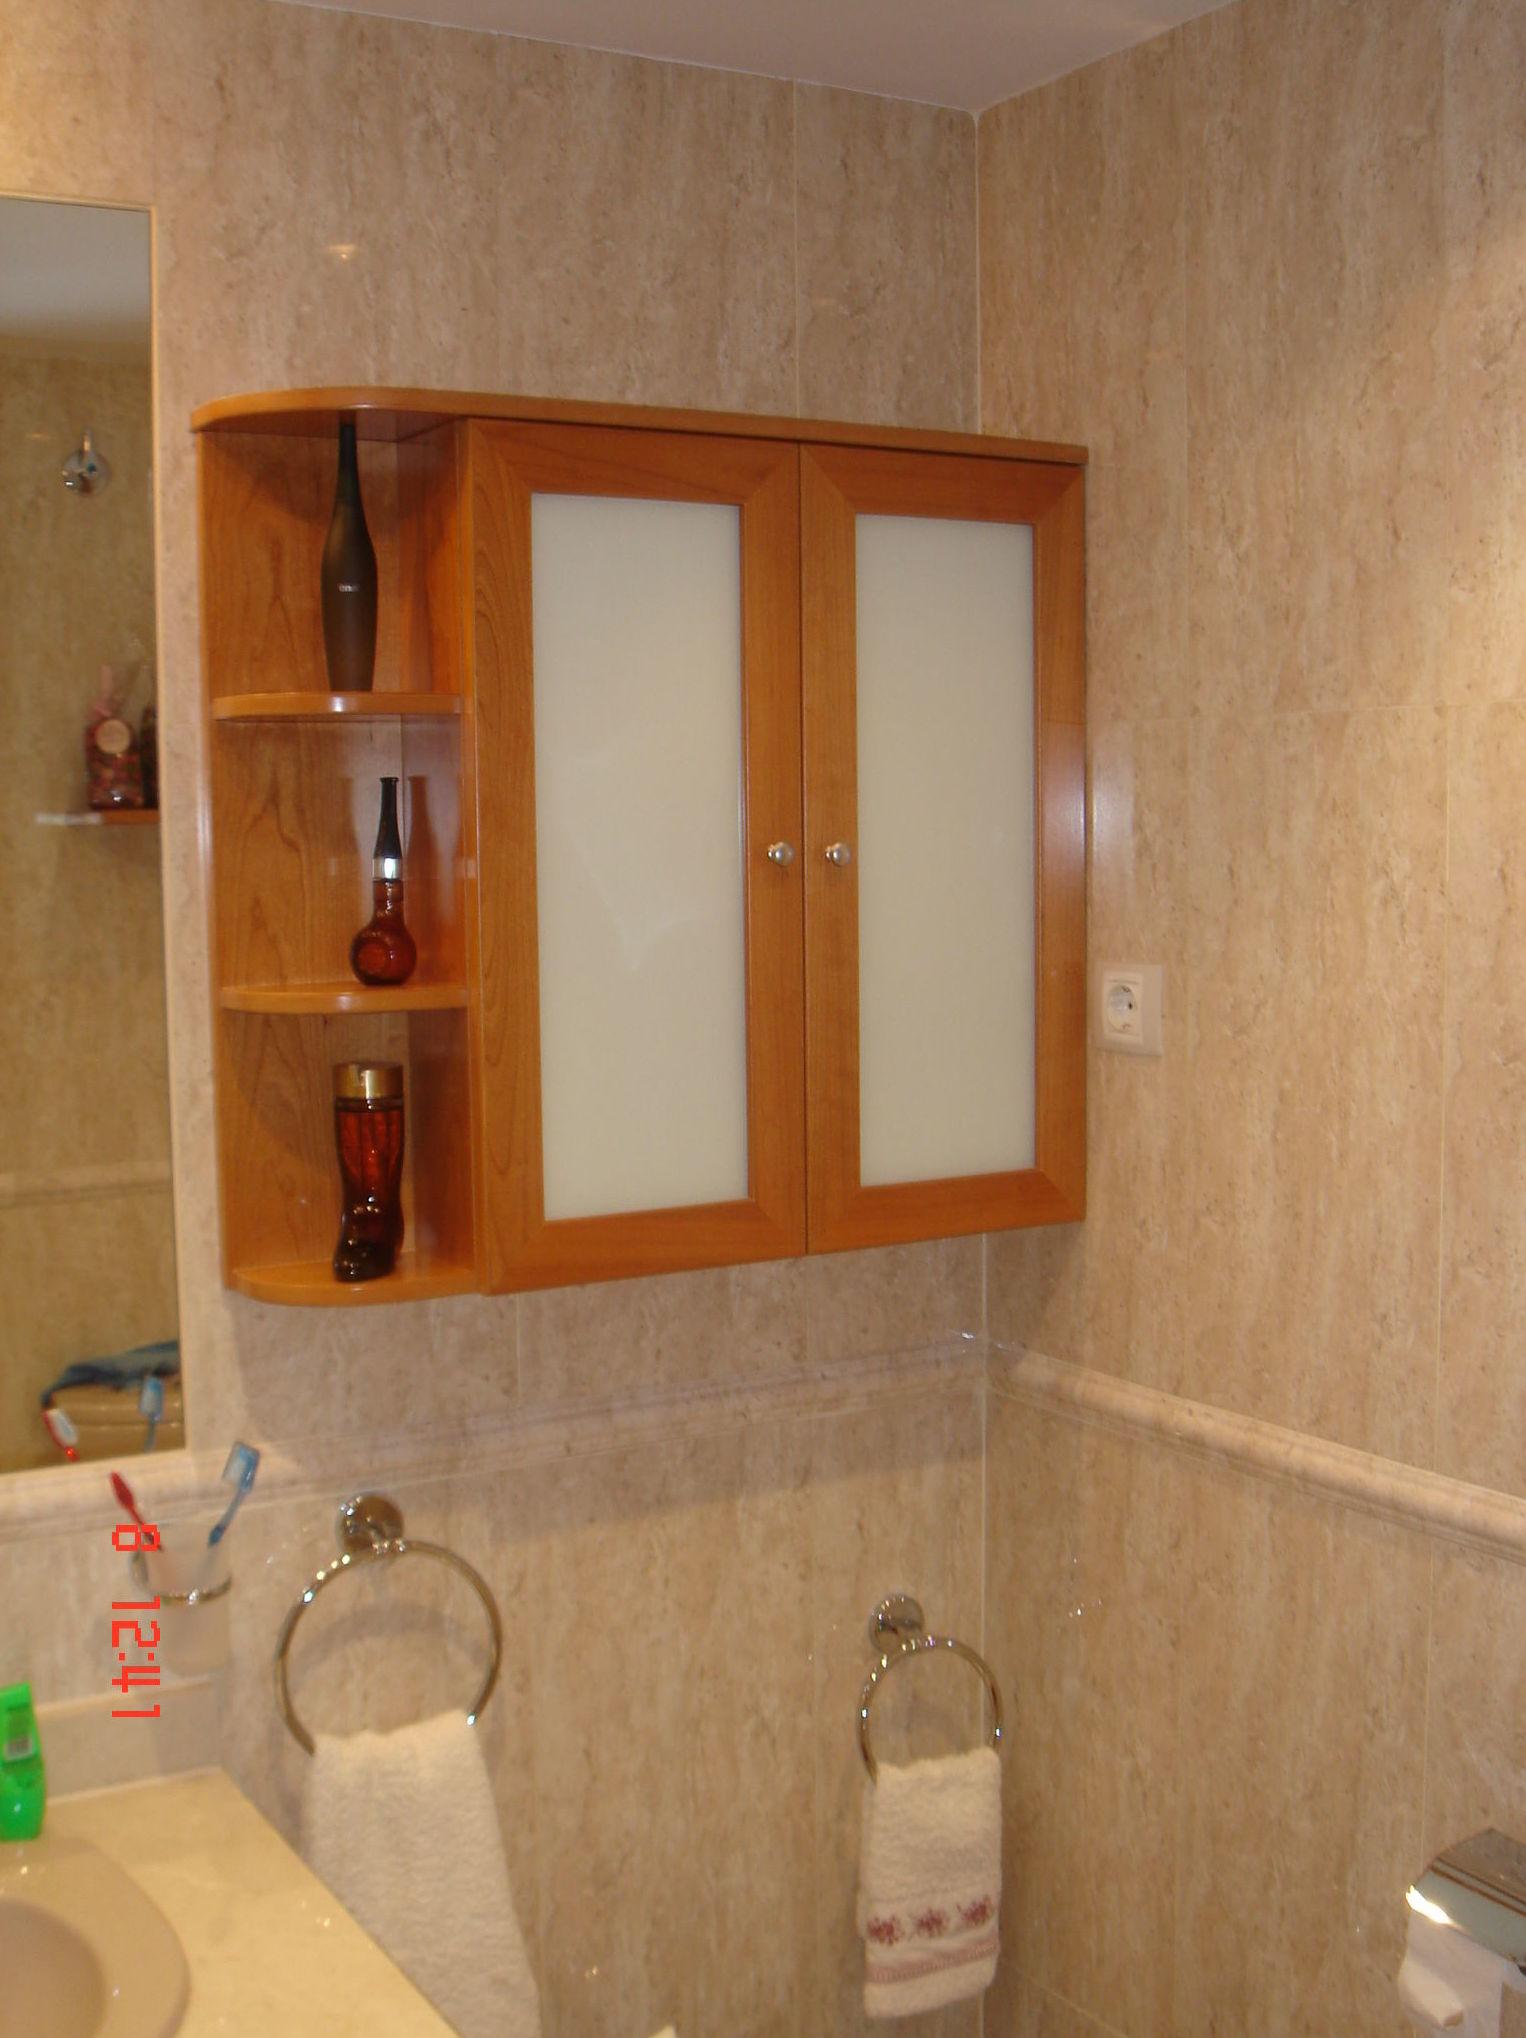 Mueble de madera para cuarto de baño